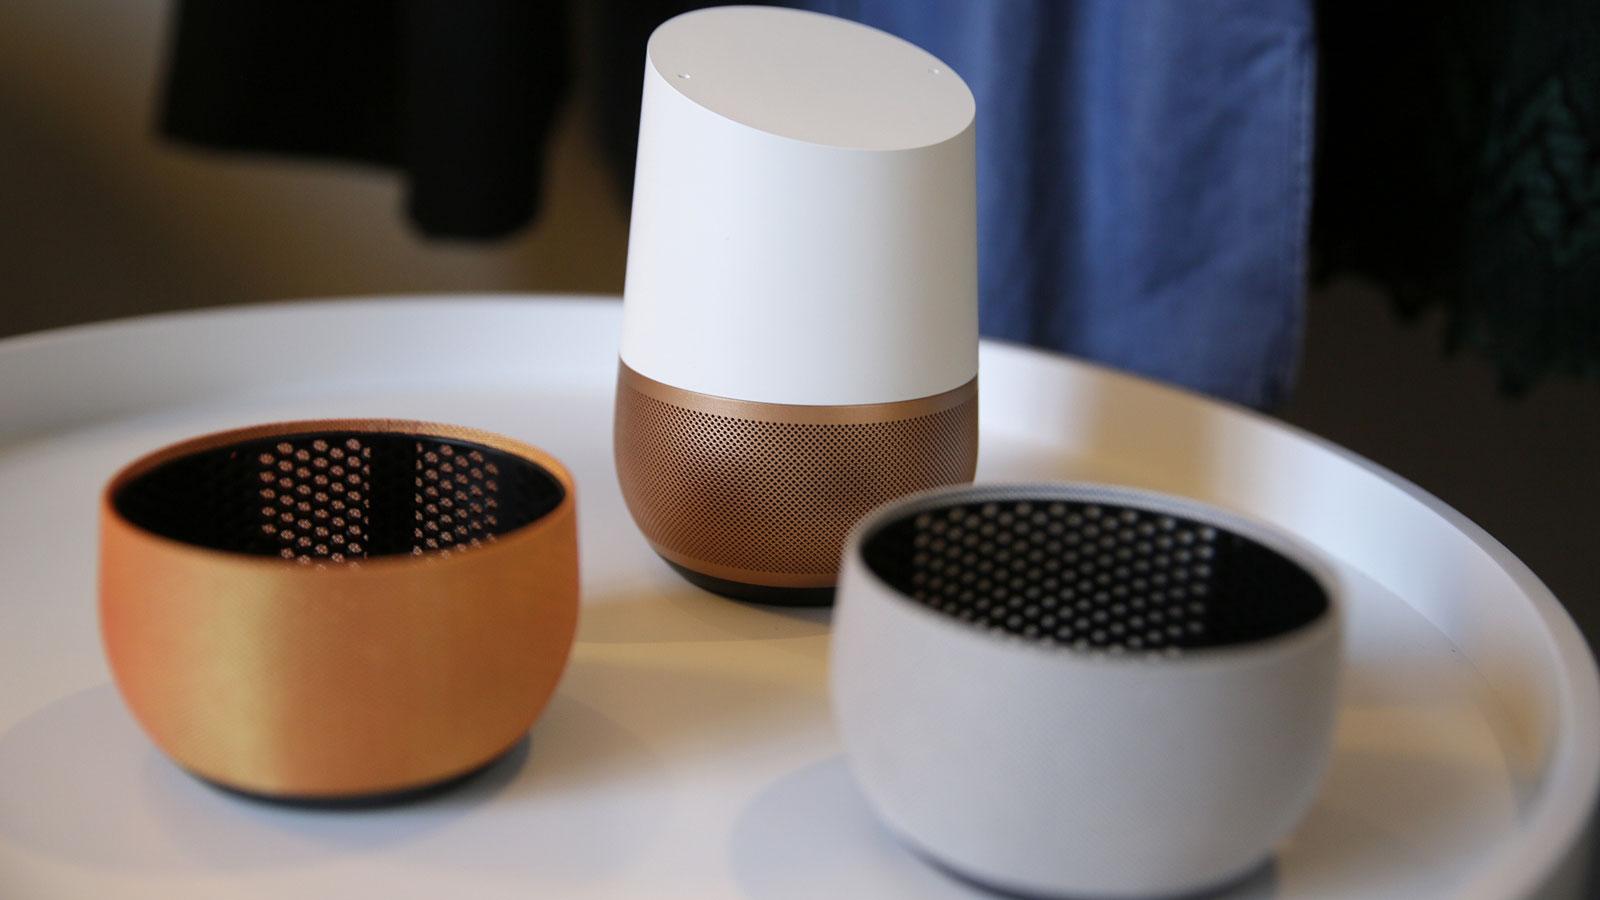 Heizung und Klimaanlage mit Google Home steuern